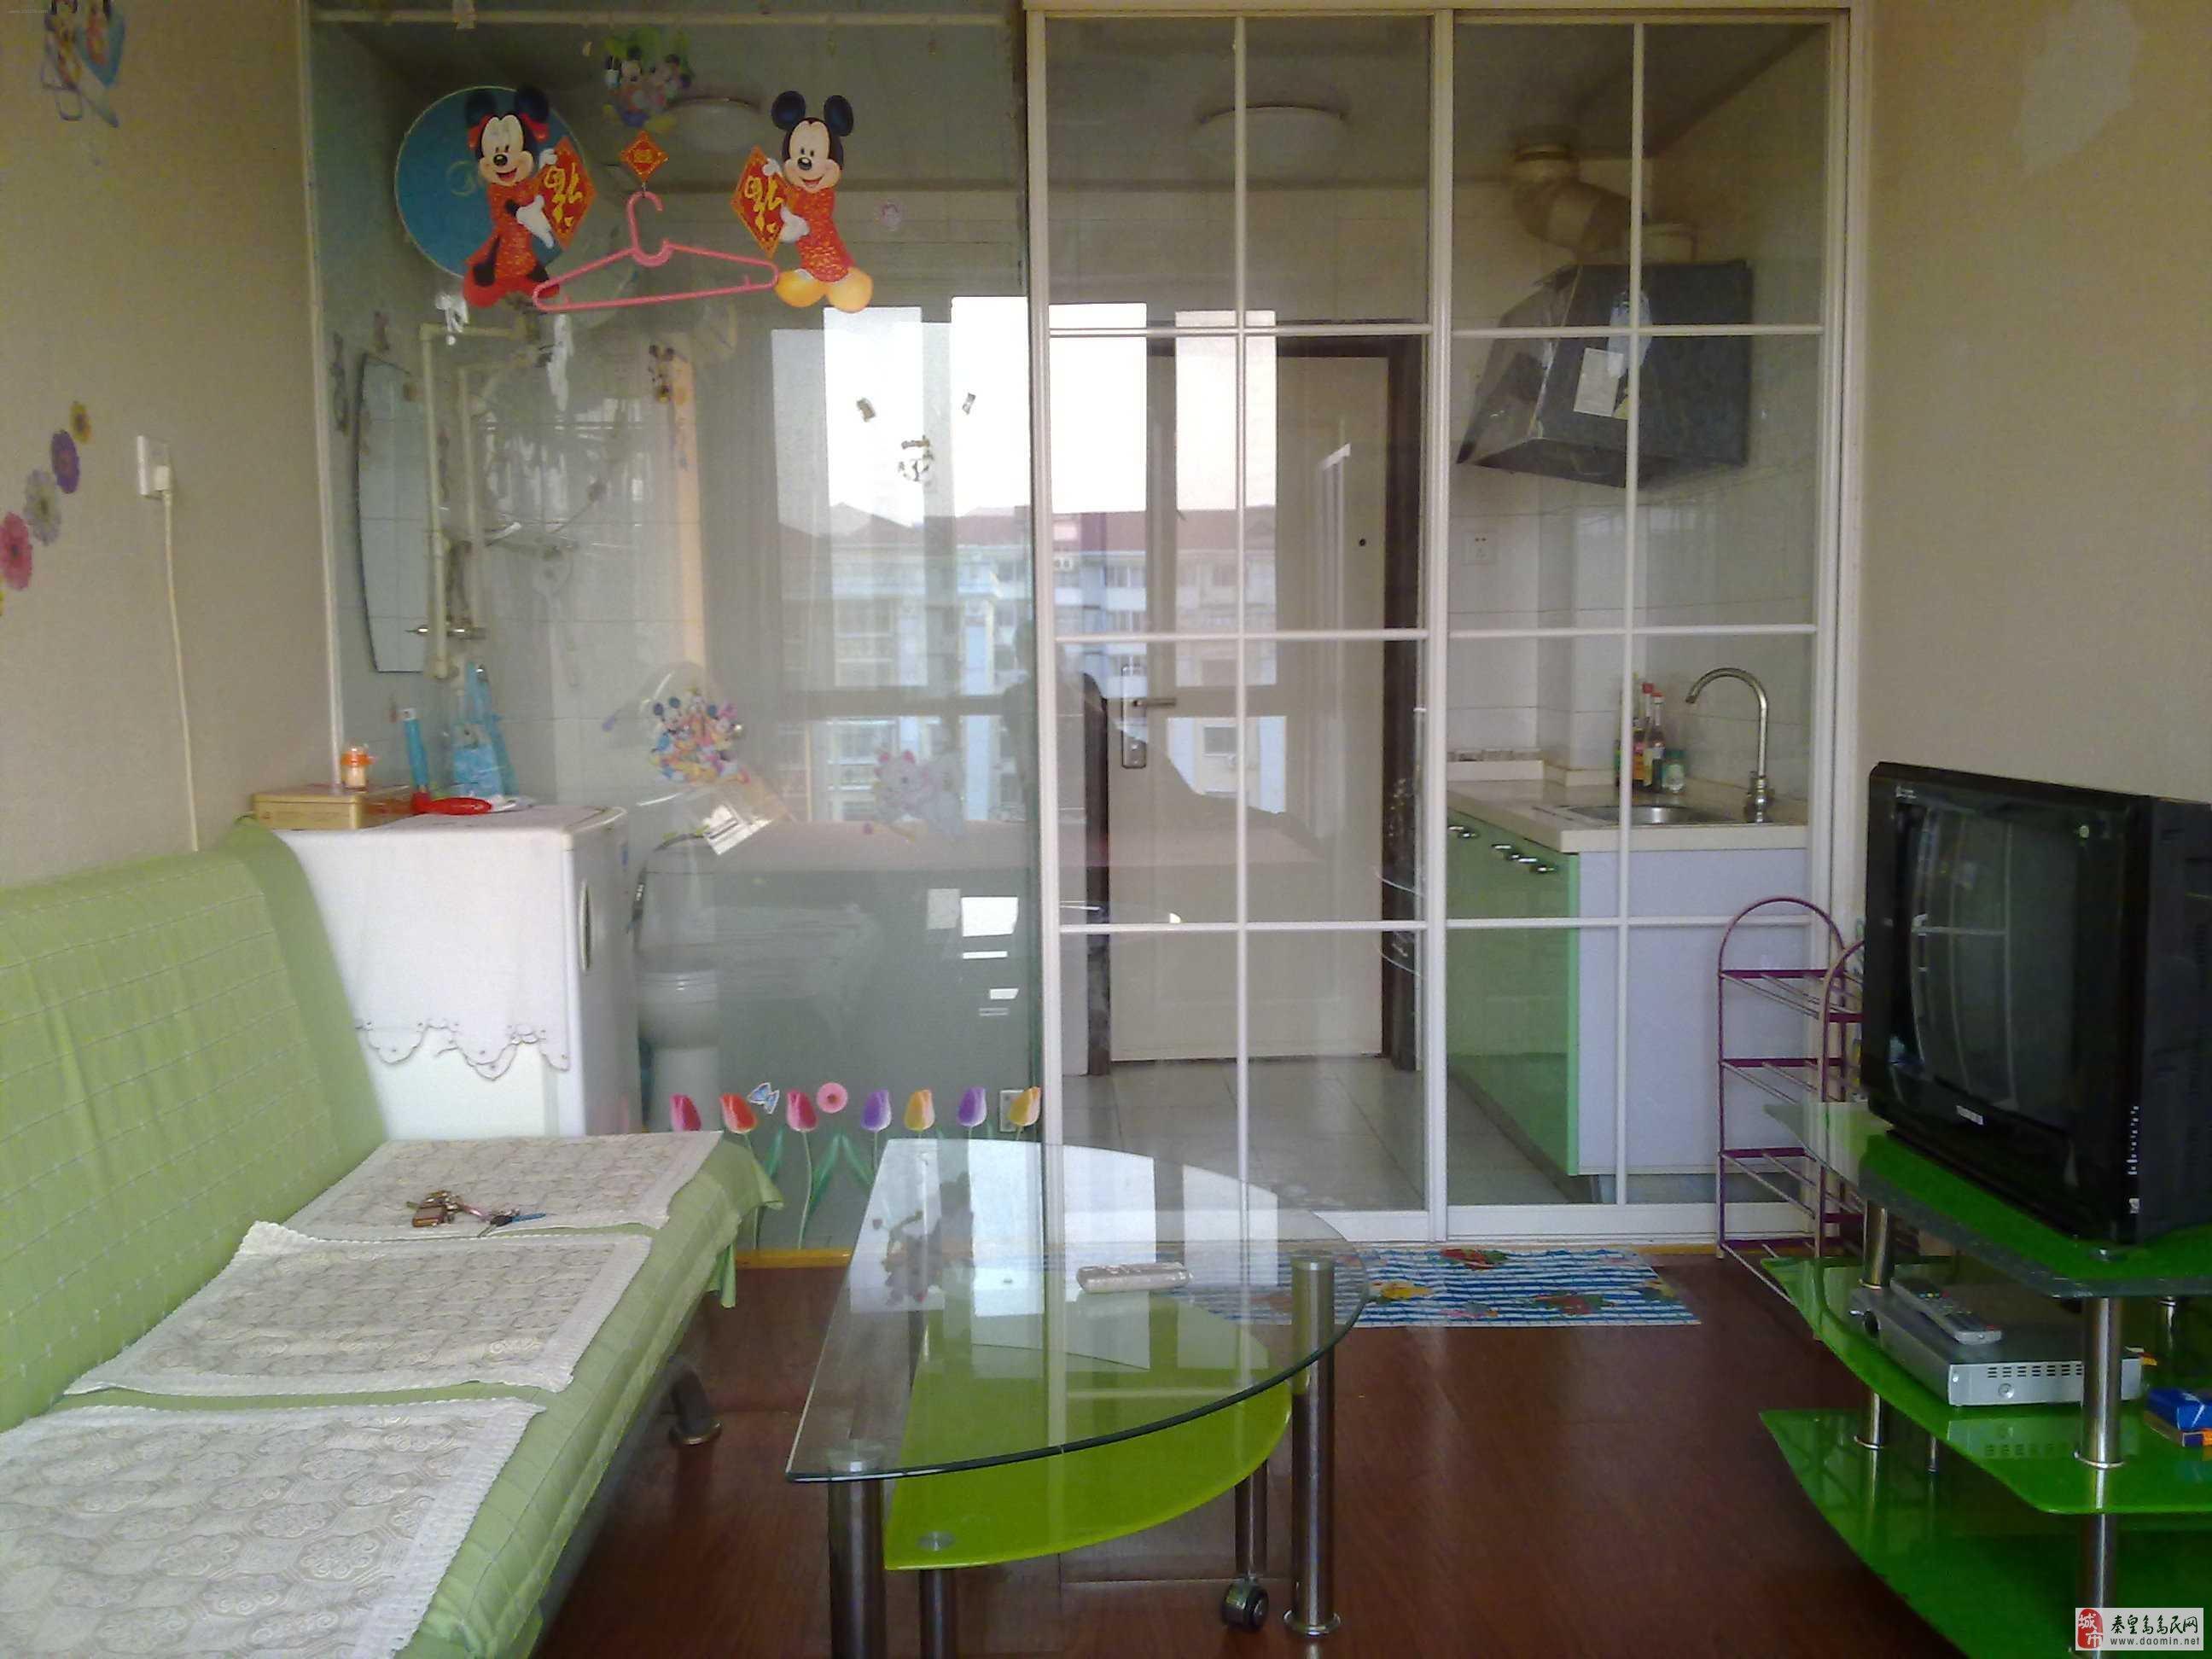 15平米正阳面主卧精装修一卧室自带厨房饭厅无房东住宅出